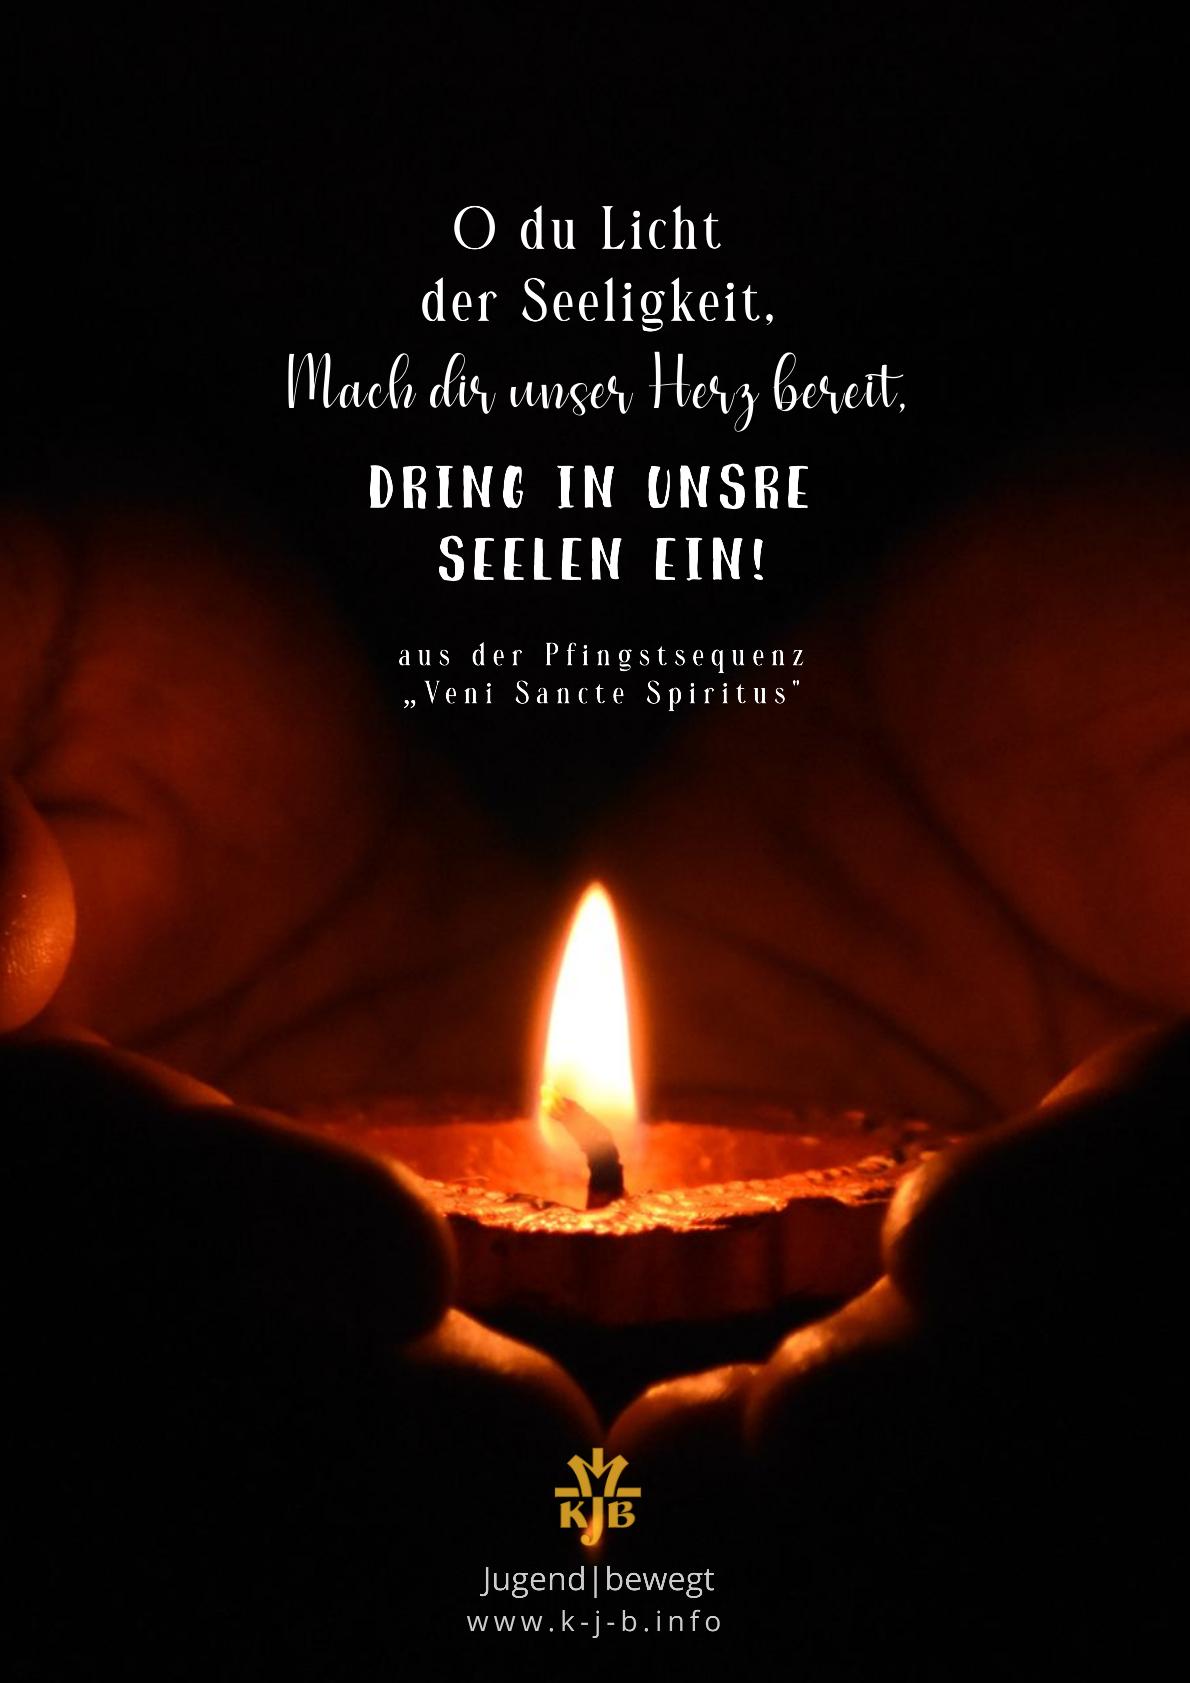 Ausdrucksstarke Bilder: O du Licht